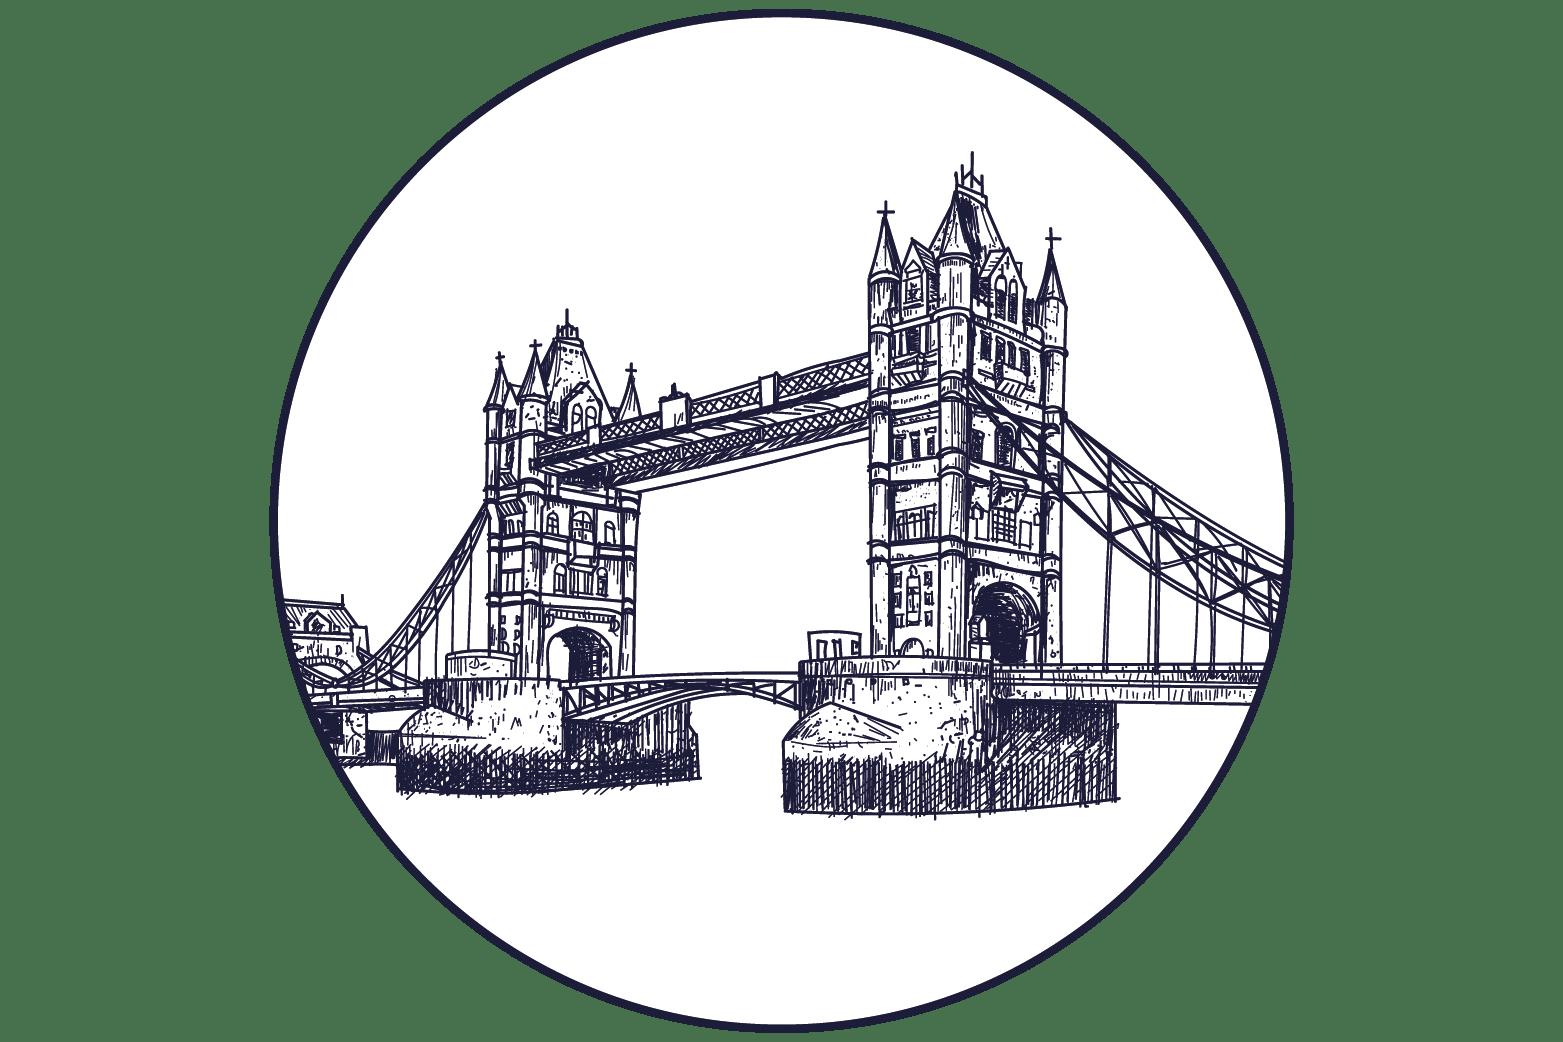 symbole pictogramme londres pont